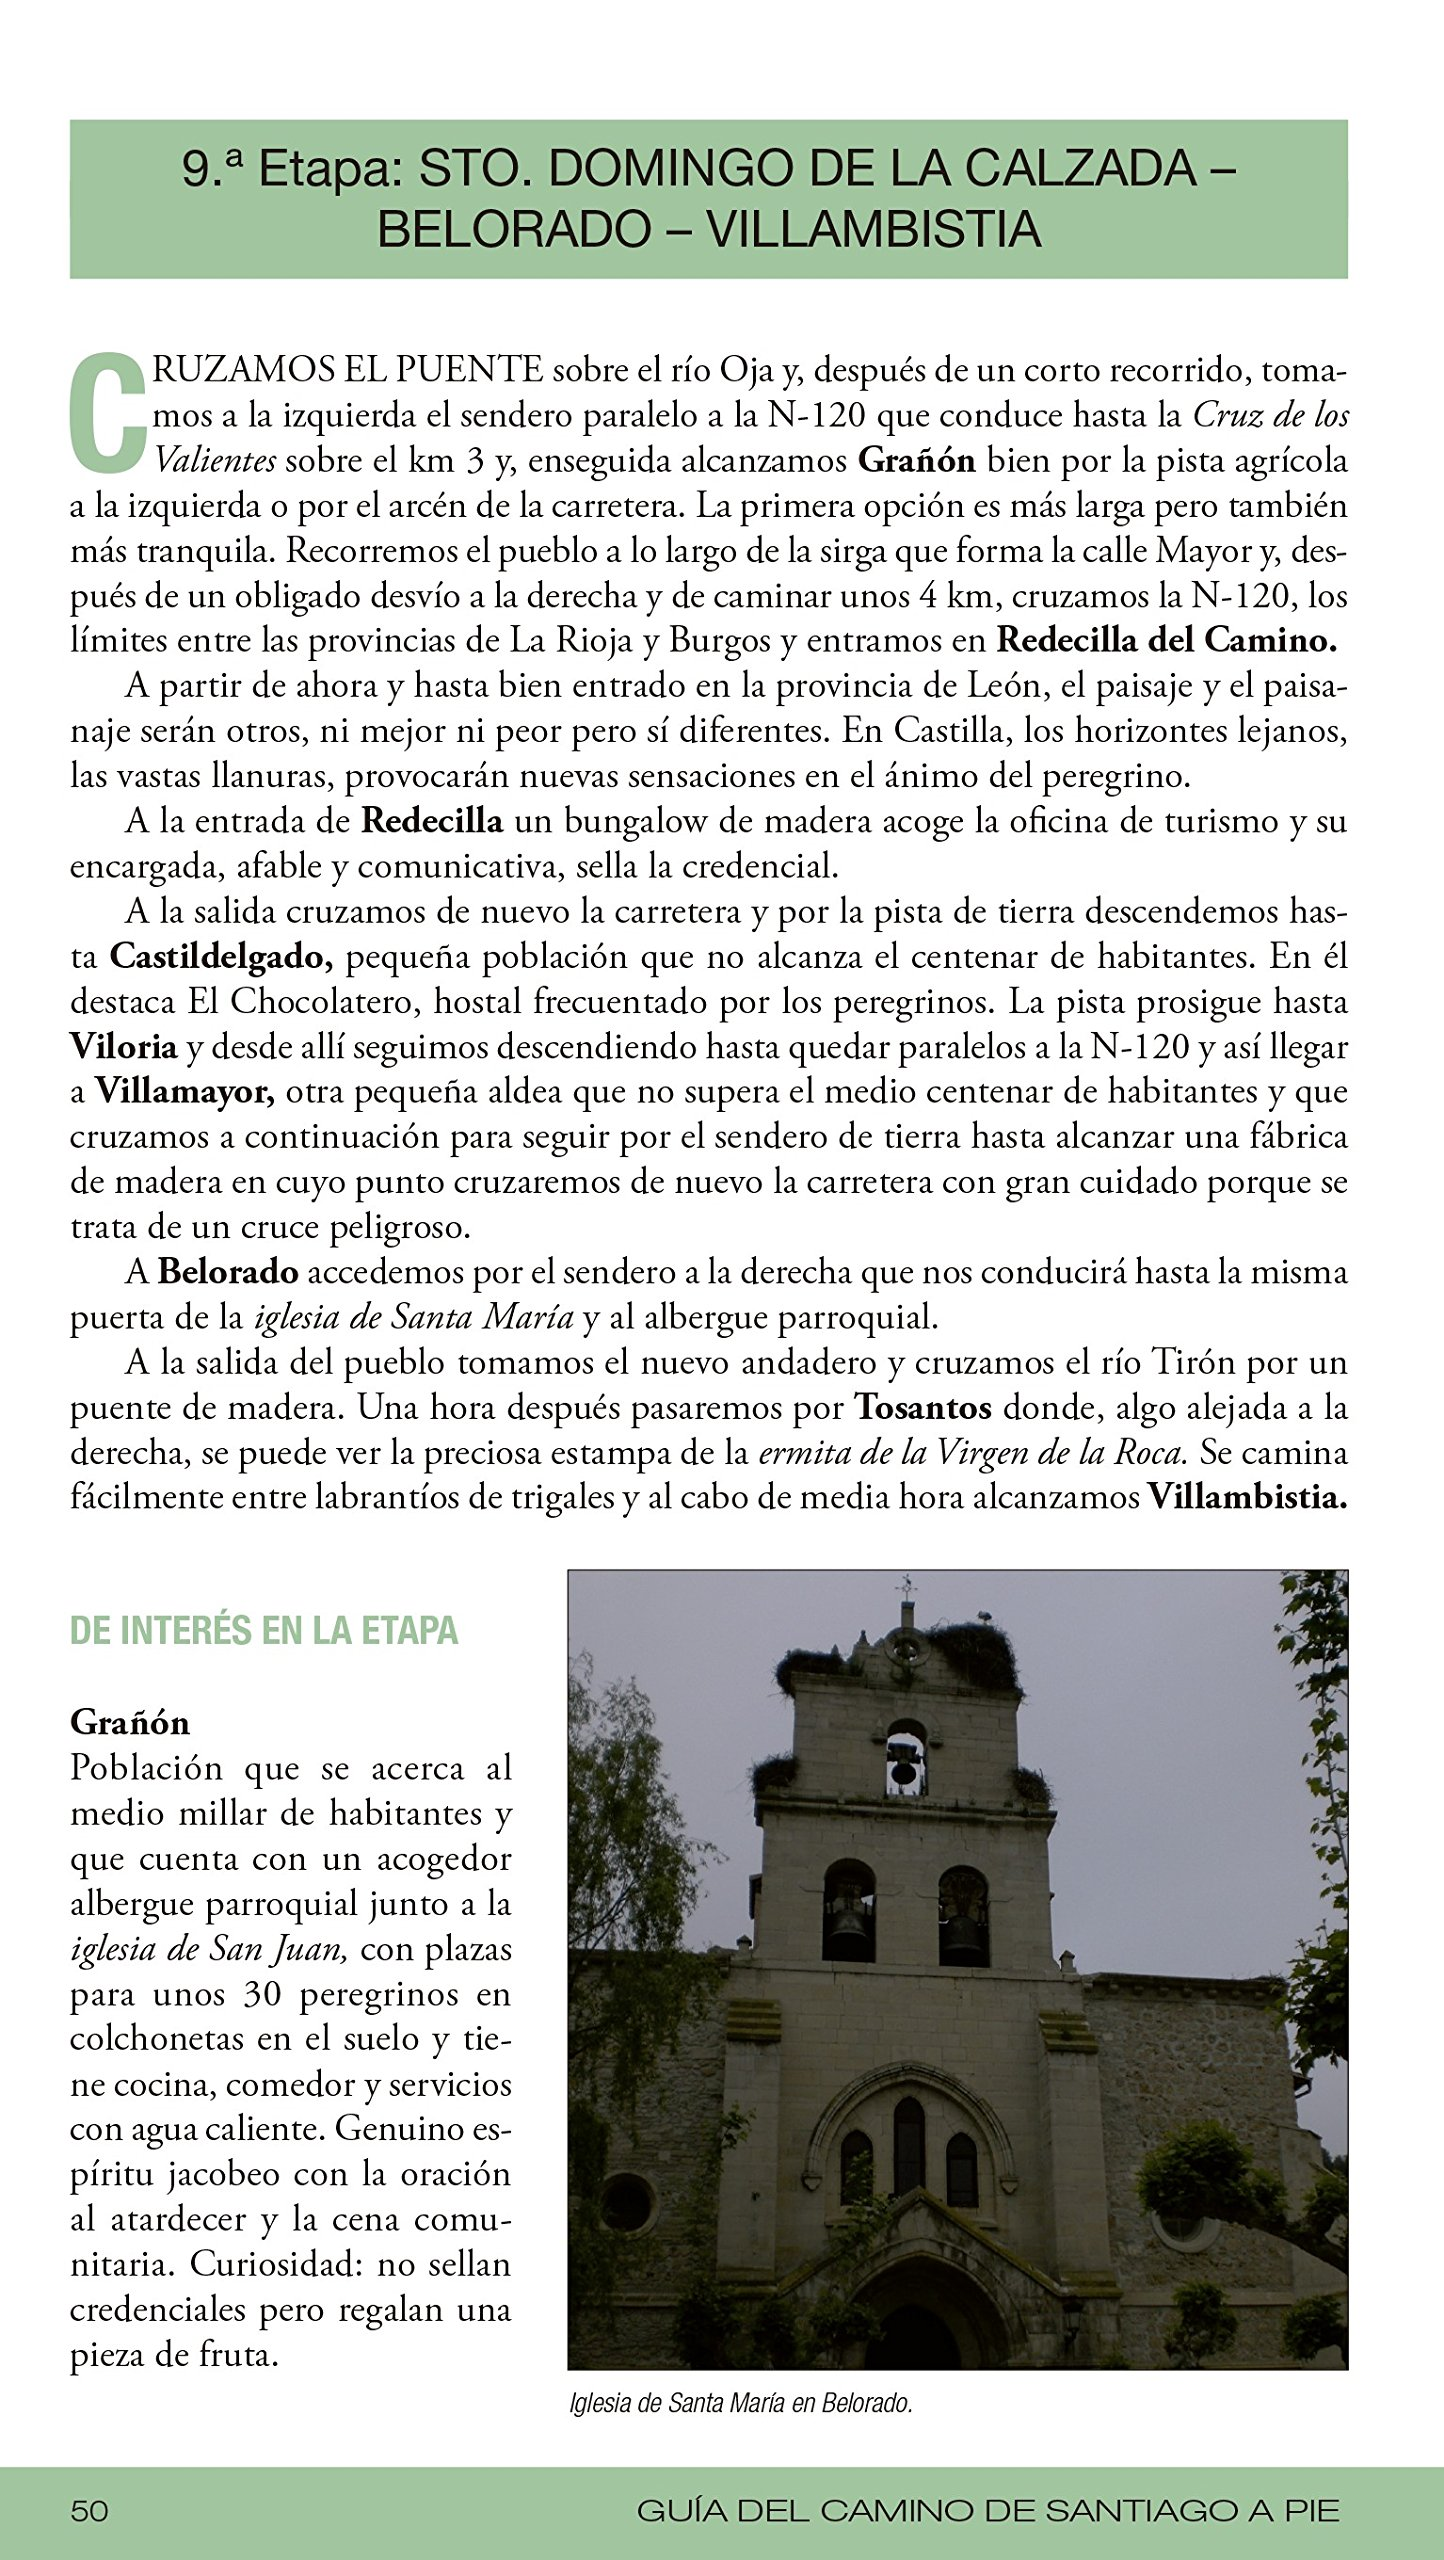 Guía del Camino de Santiago a pie: José Manuel Somavilla Fernández ...